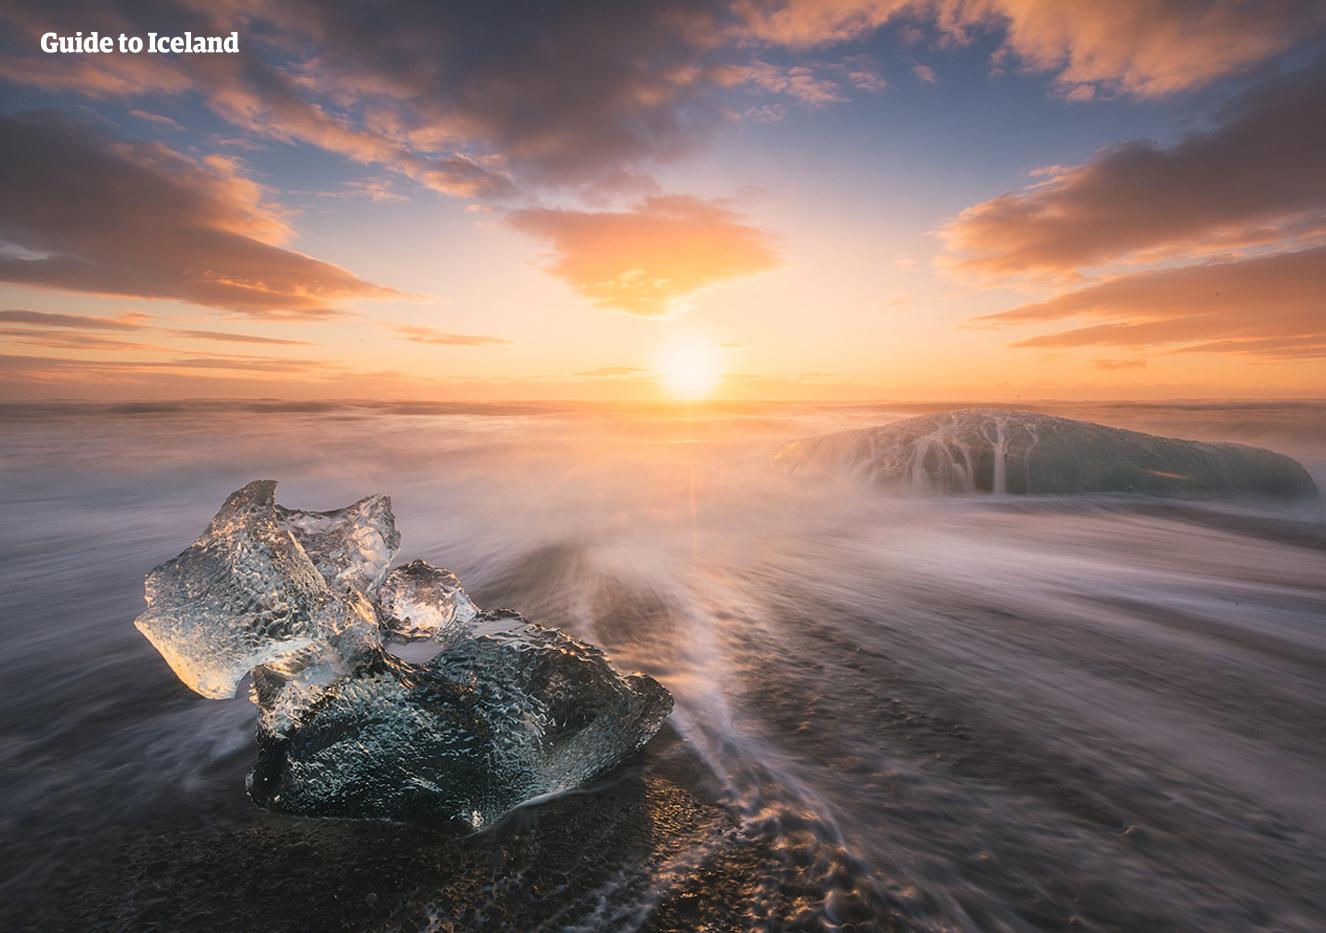 冰岛南岸钻石冰沙滩上静躺着许多从附近冰川上剥离的碎冰